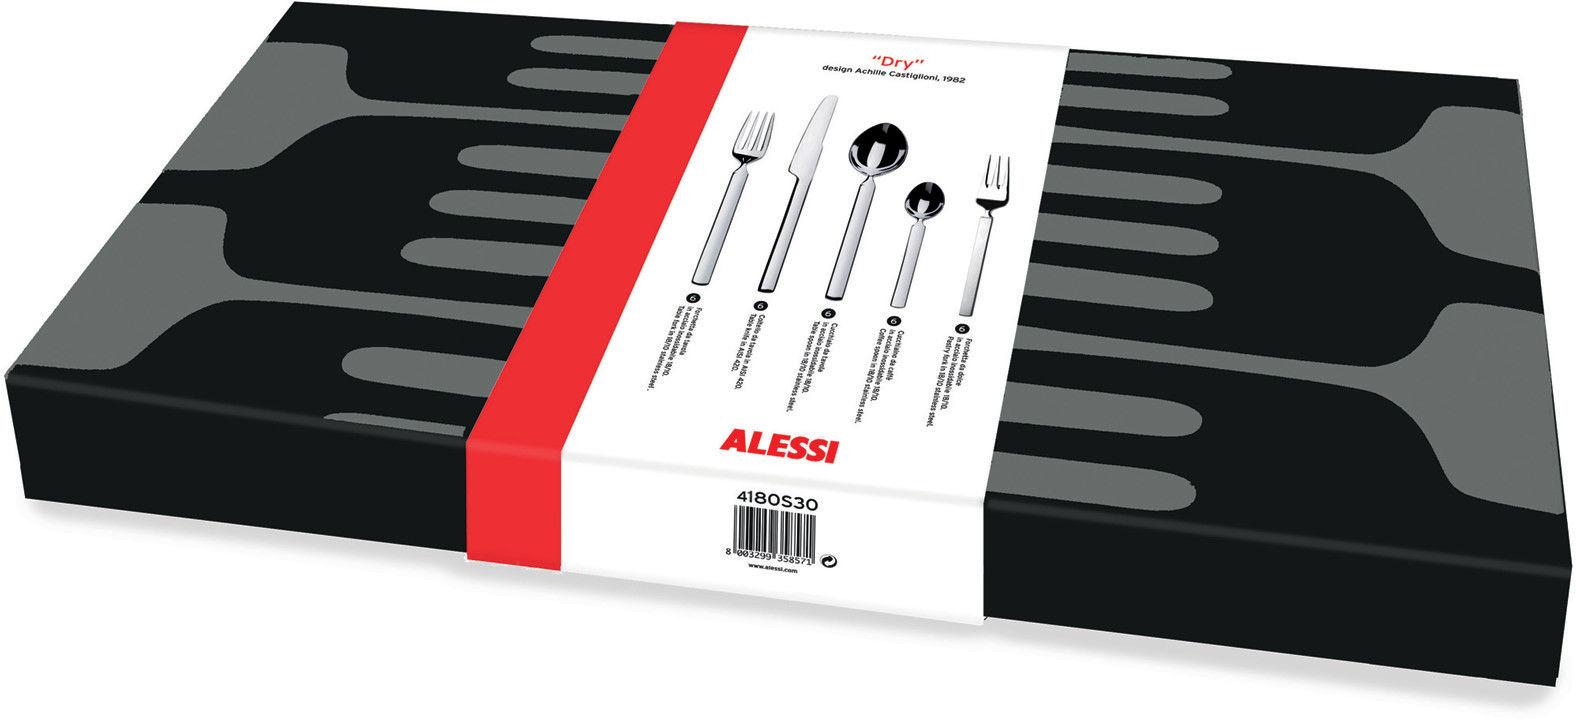 Arts de la table - Couverts de table - Ménagère Dry / 6 personnes - 30 pièces - Alessi - Acier poli - Acier inoxydable poli